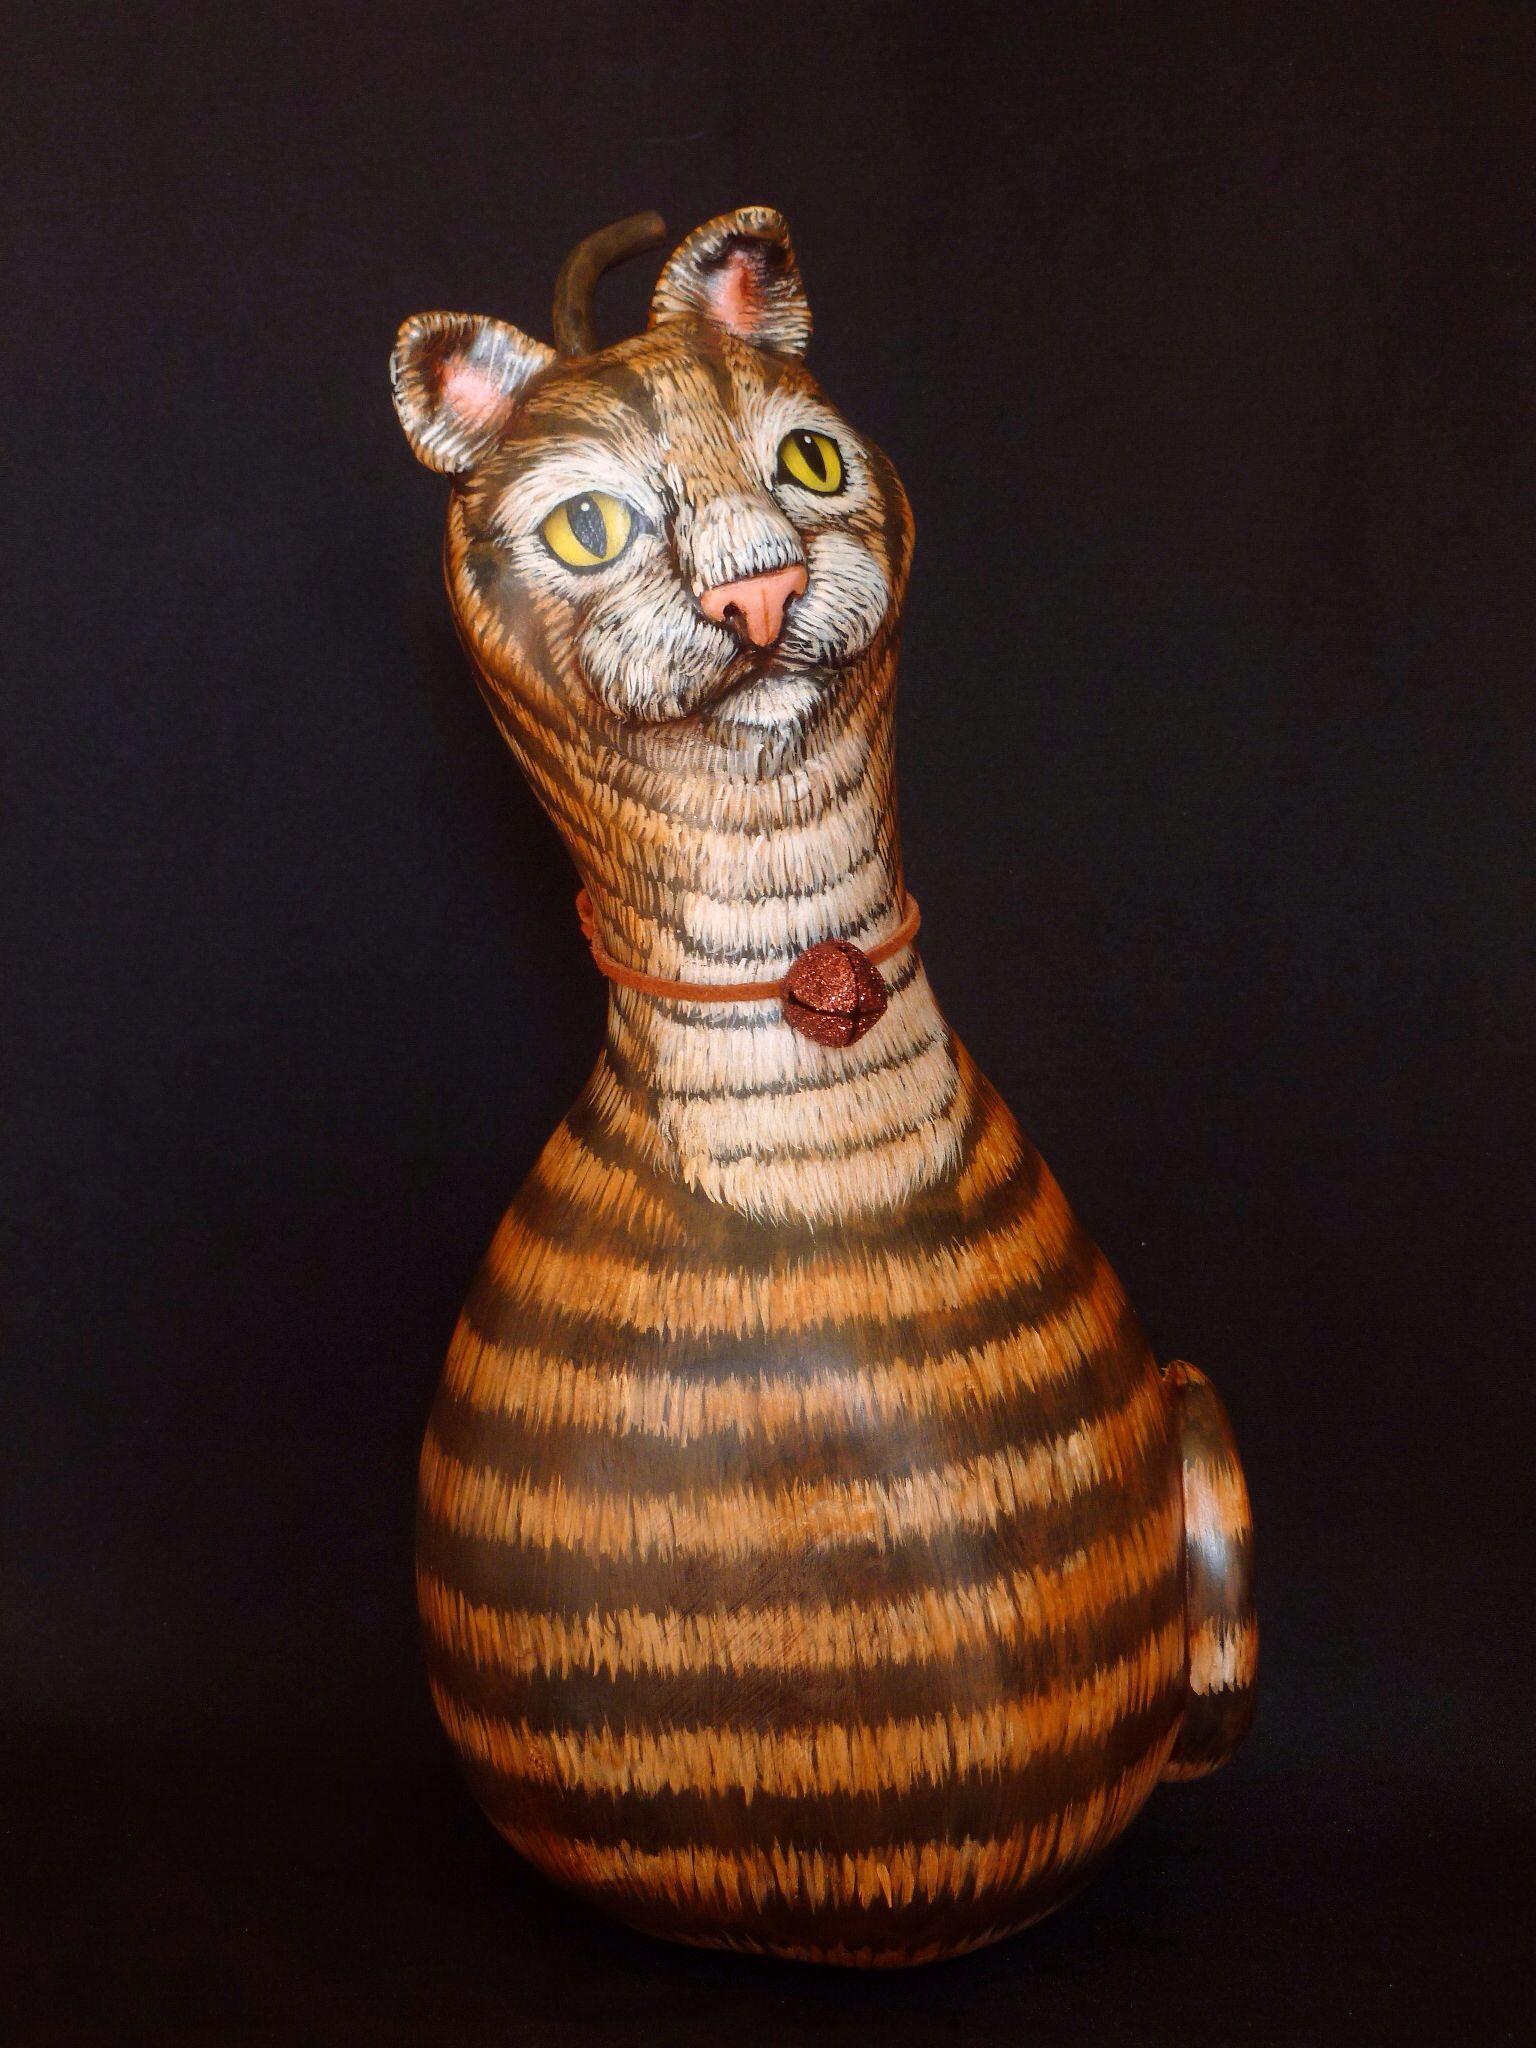 Cat gourd by Kim Gladfelter